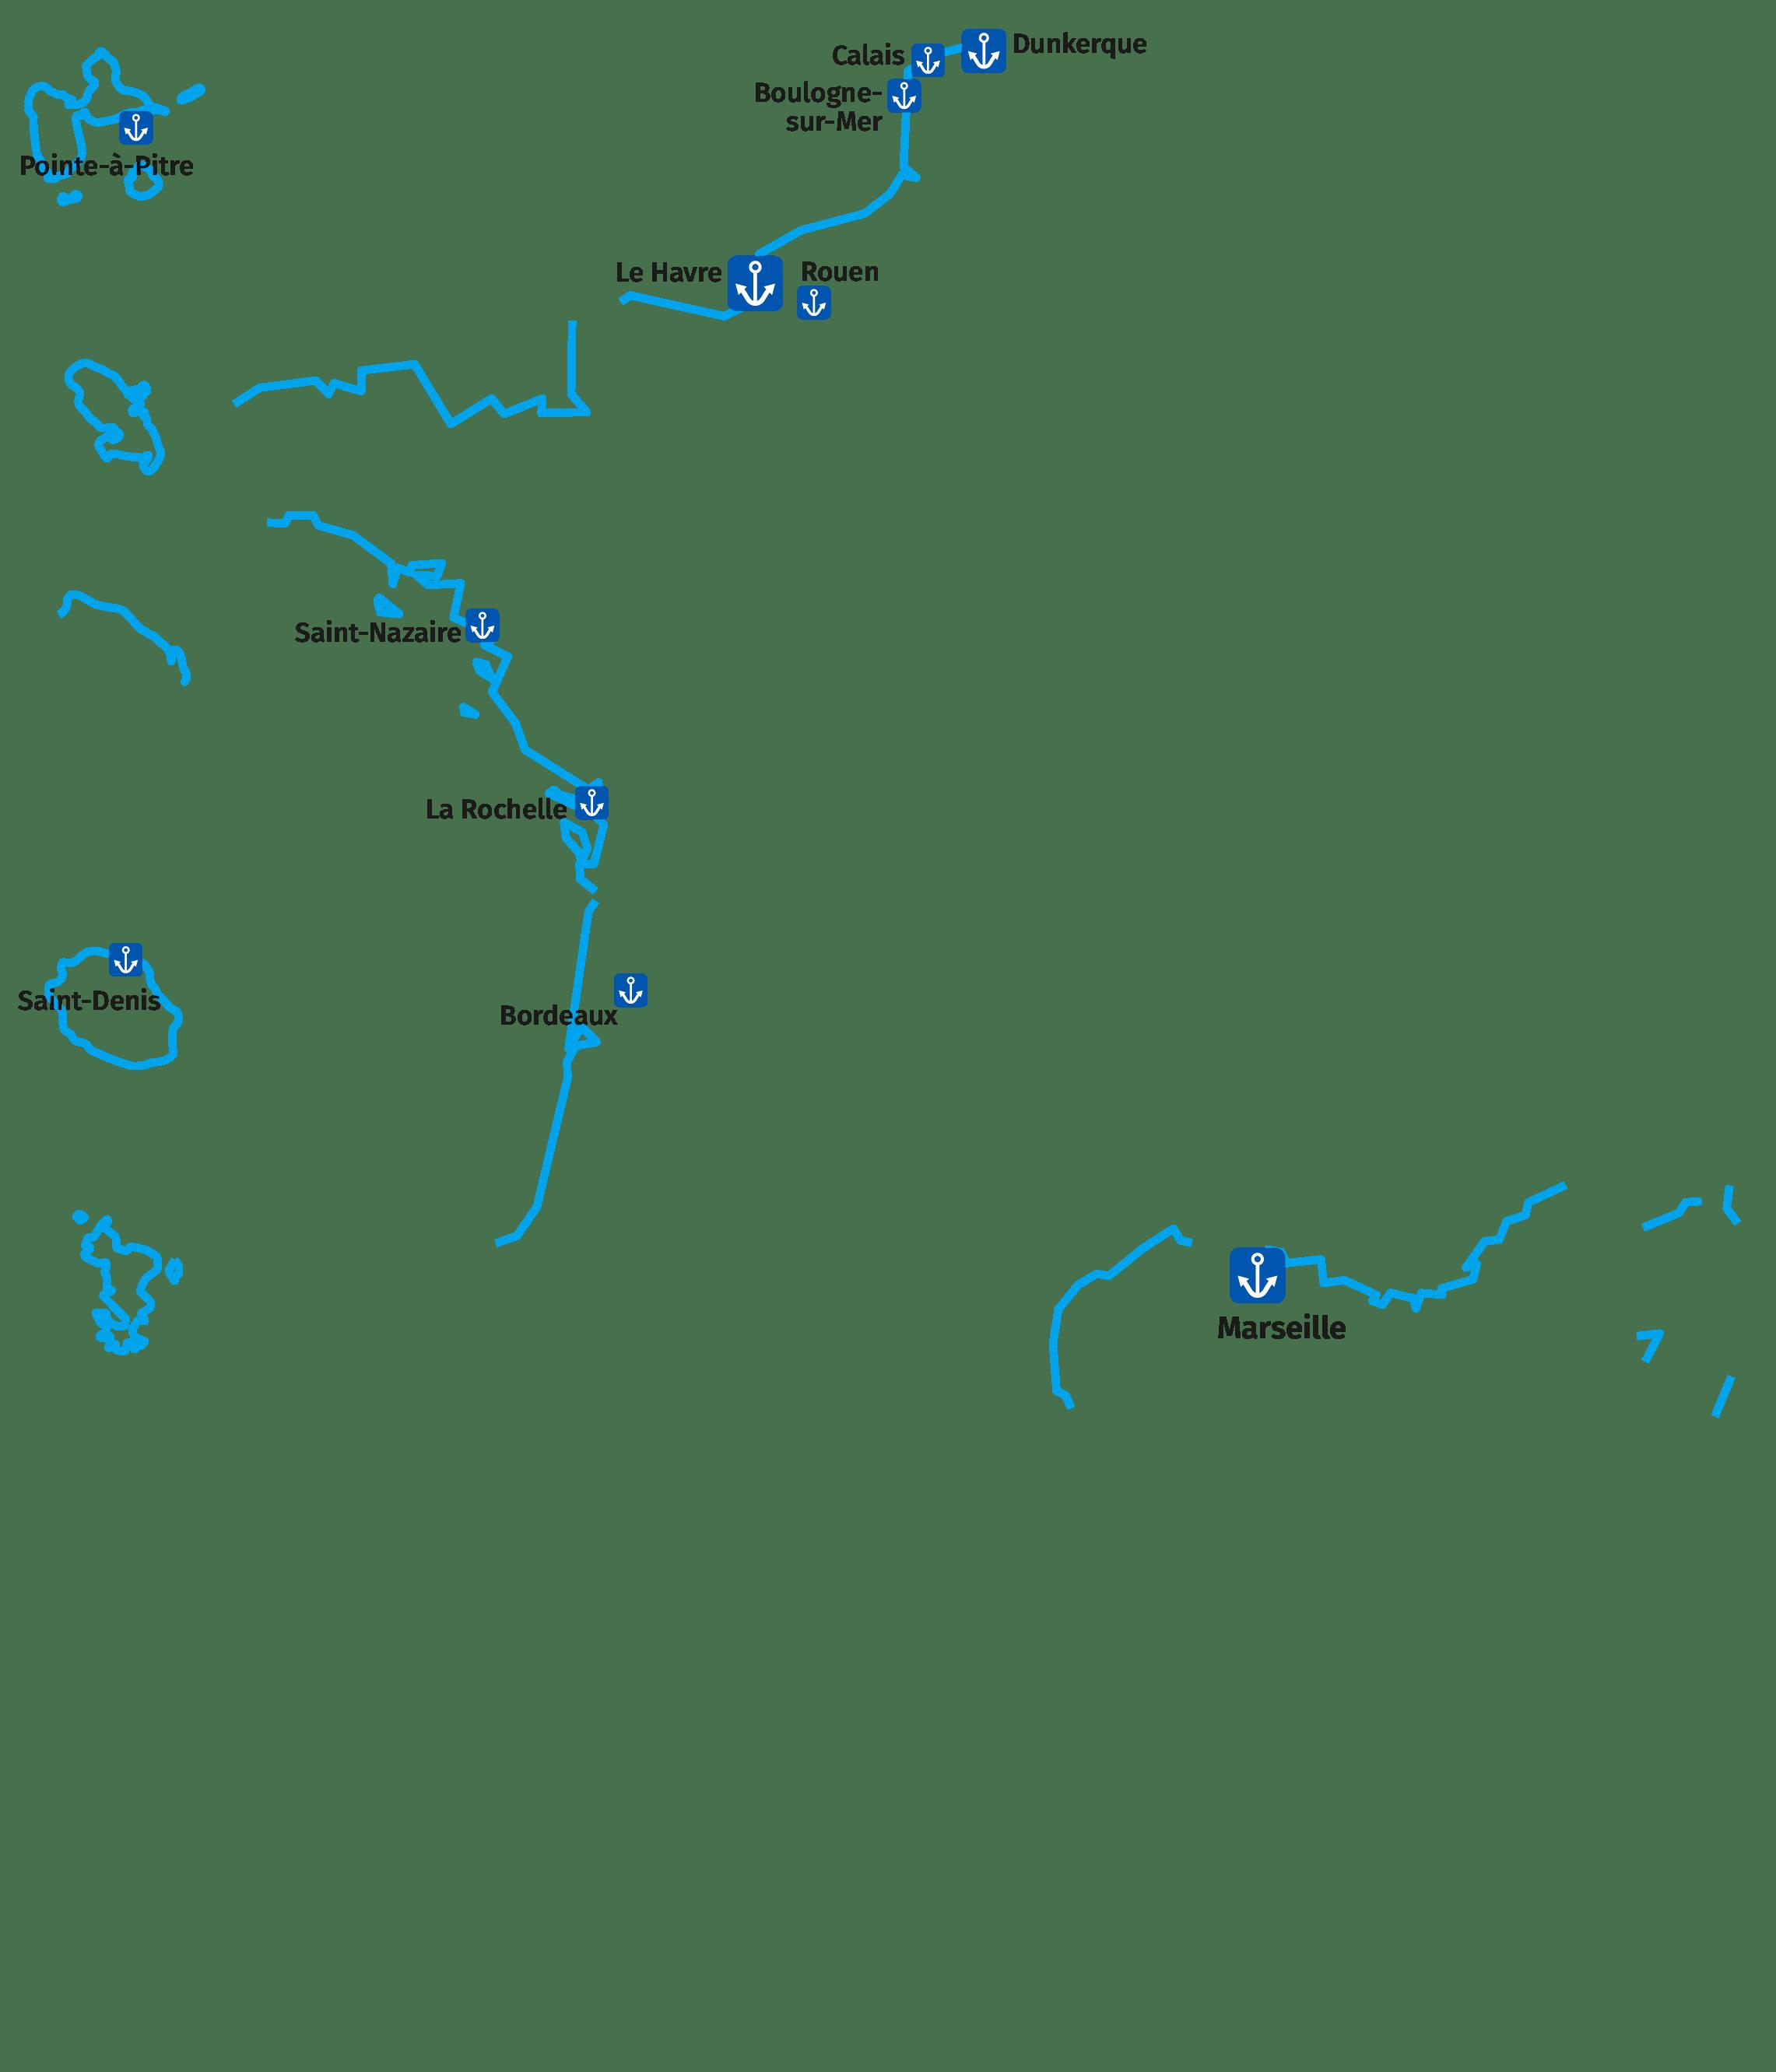 Principaux ports et littoralisation